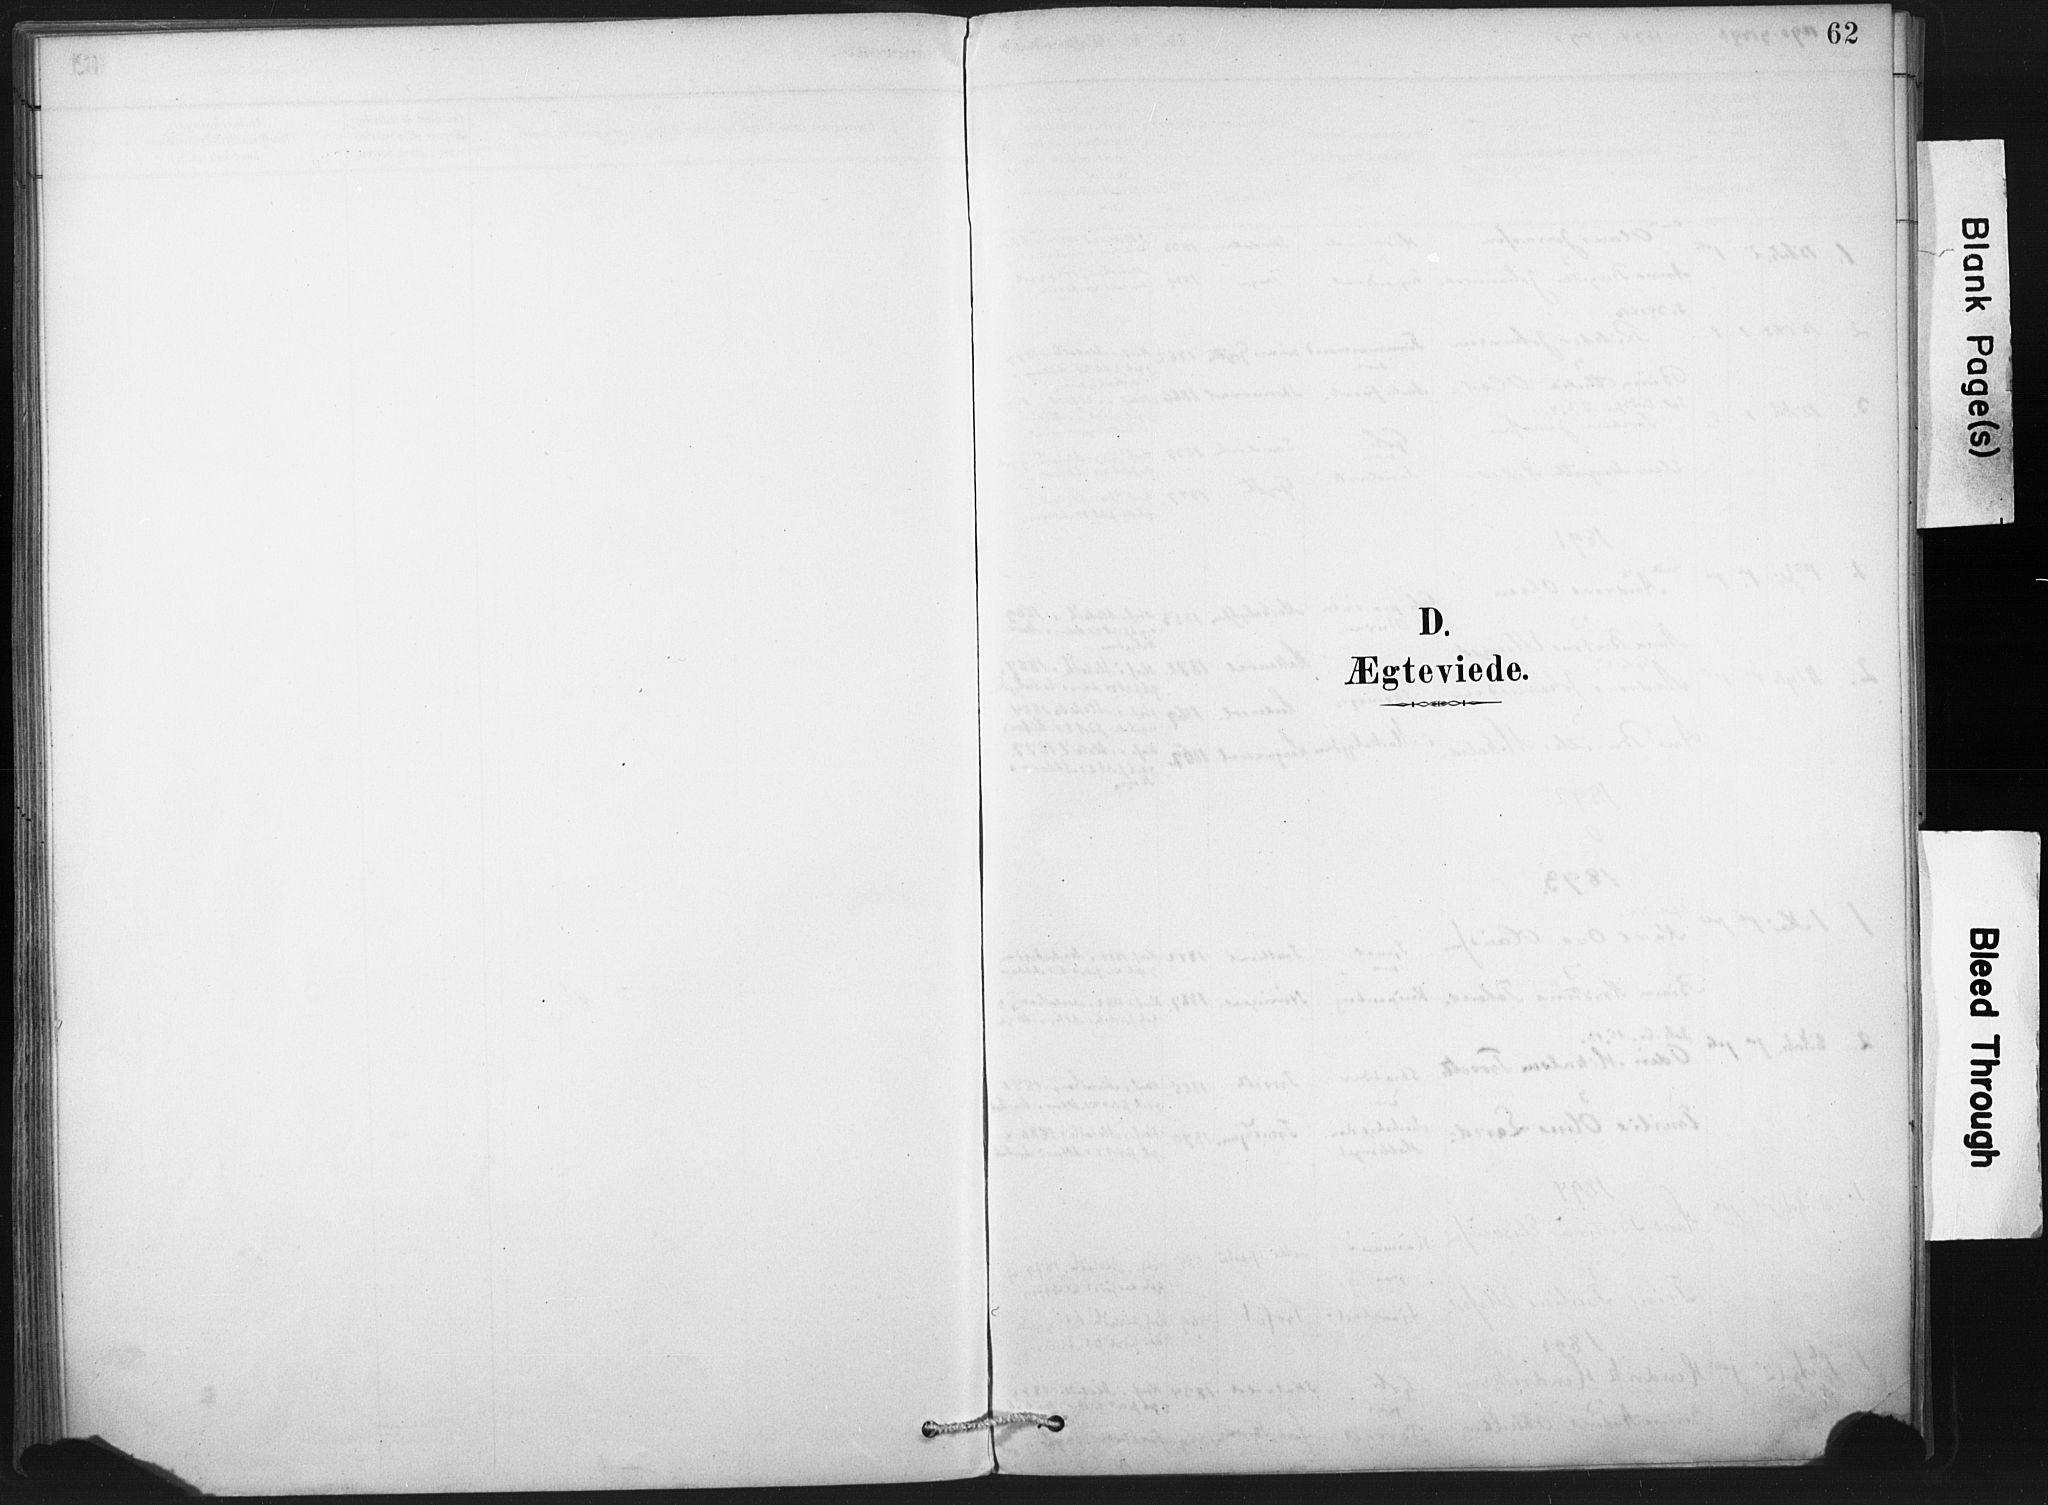 SAT, Ministerialprotokoller, klokkerbøker og fødselsregistre - Nord-Trøndelag, 718/L0175: Ministerialbok nr. 718A01, 1890-1923, s. 62